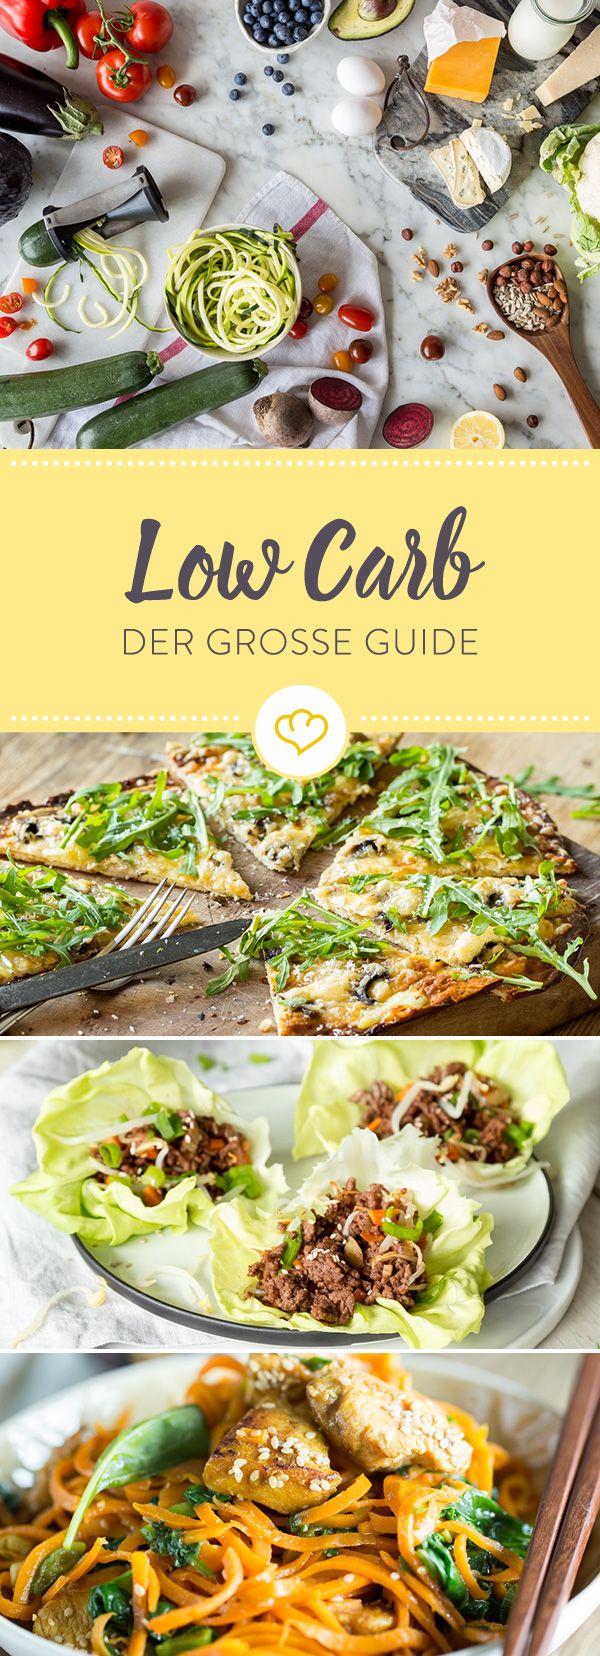 Low Carb - was heißt das eigentlich genau? Was darfst du essen? Und was hat es mit Kohlenhydraten auf sich? Dieser Guide beantwortet alle deine Fragen.